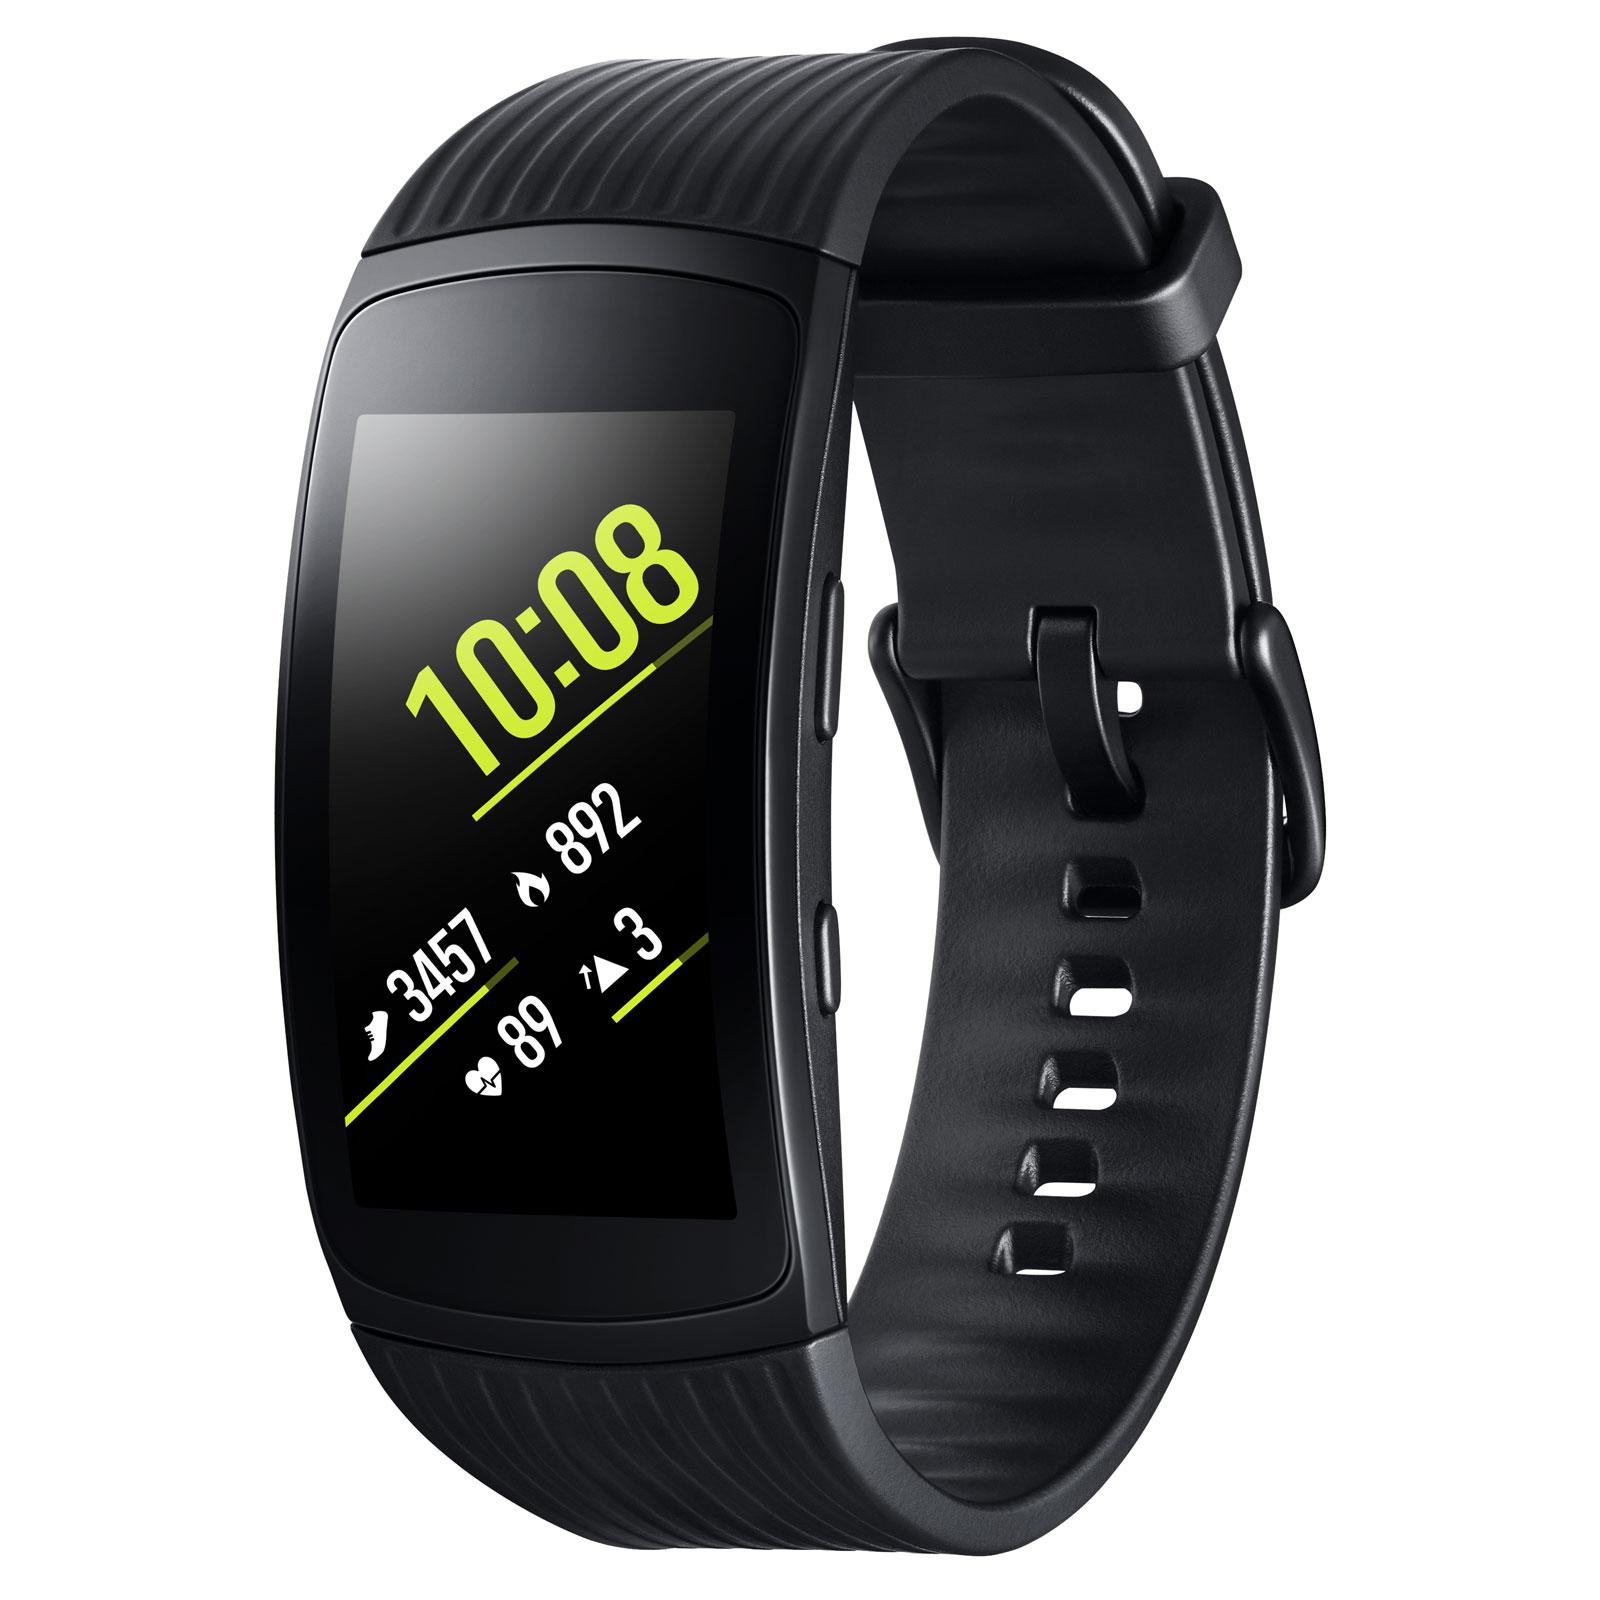 Bracelet connecté Samsung Gear Fit2 Pro S Noir Coach électronique connecté sans fil étanche pour smartphone iOS / Android